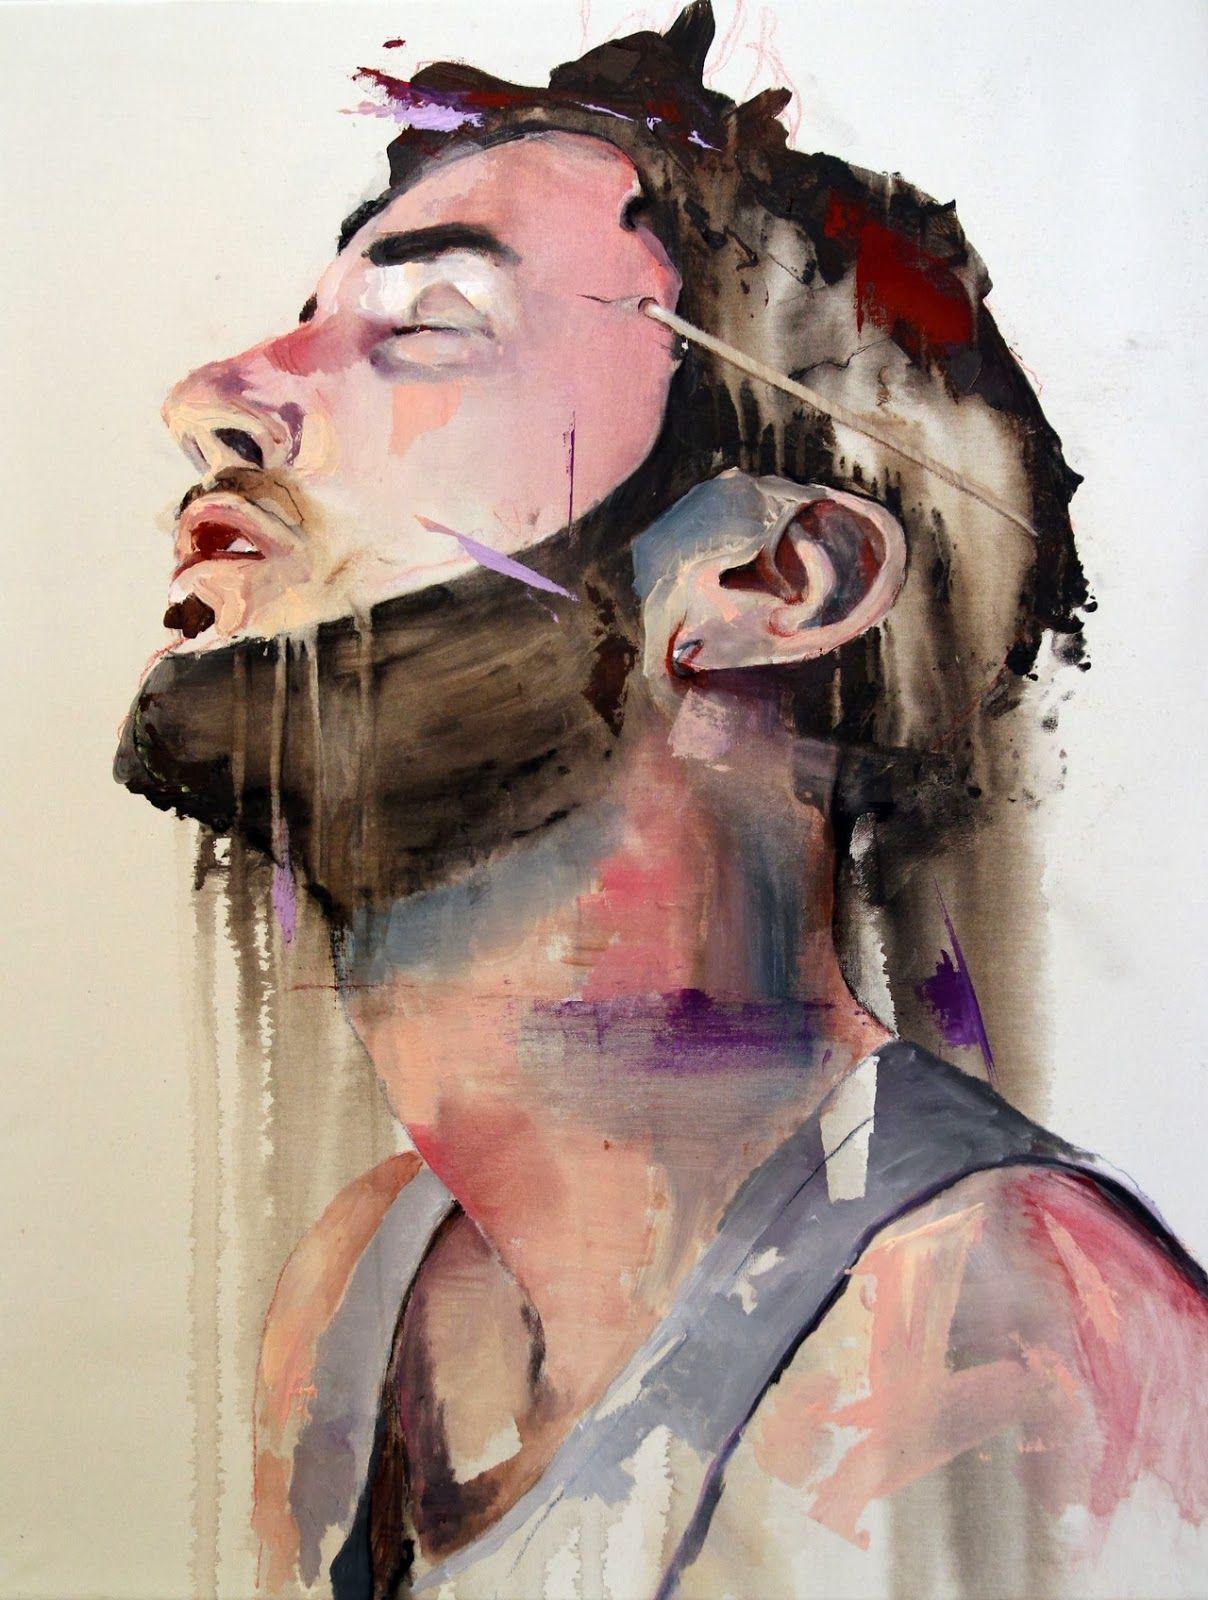 Schön malen ist langweilig! - findet Lou Ros | Art Armada